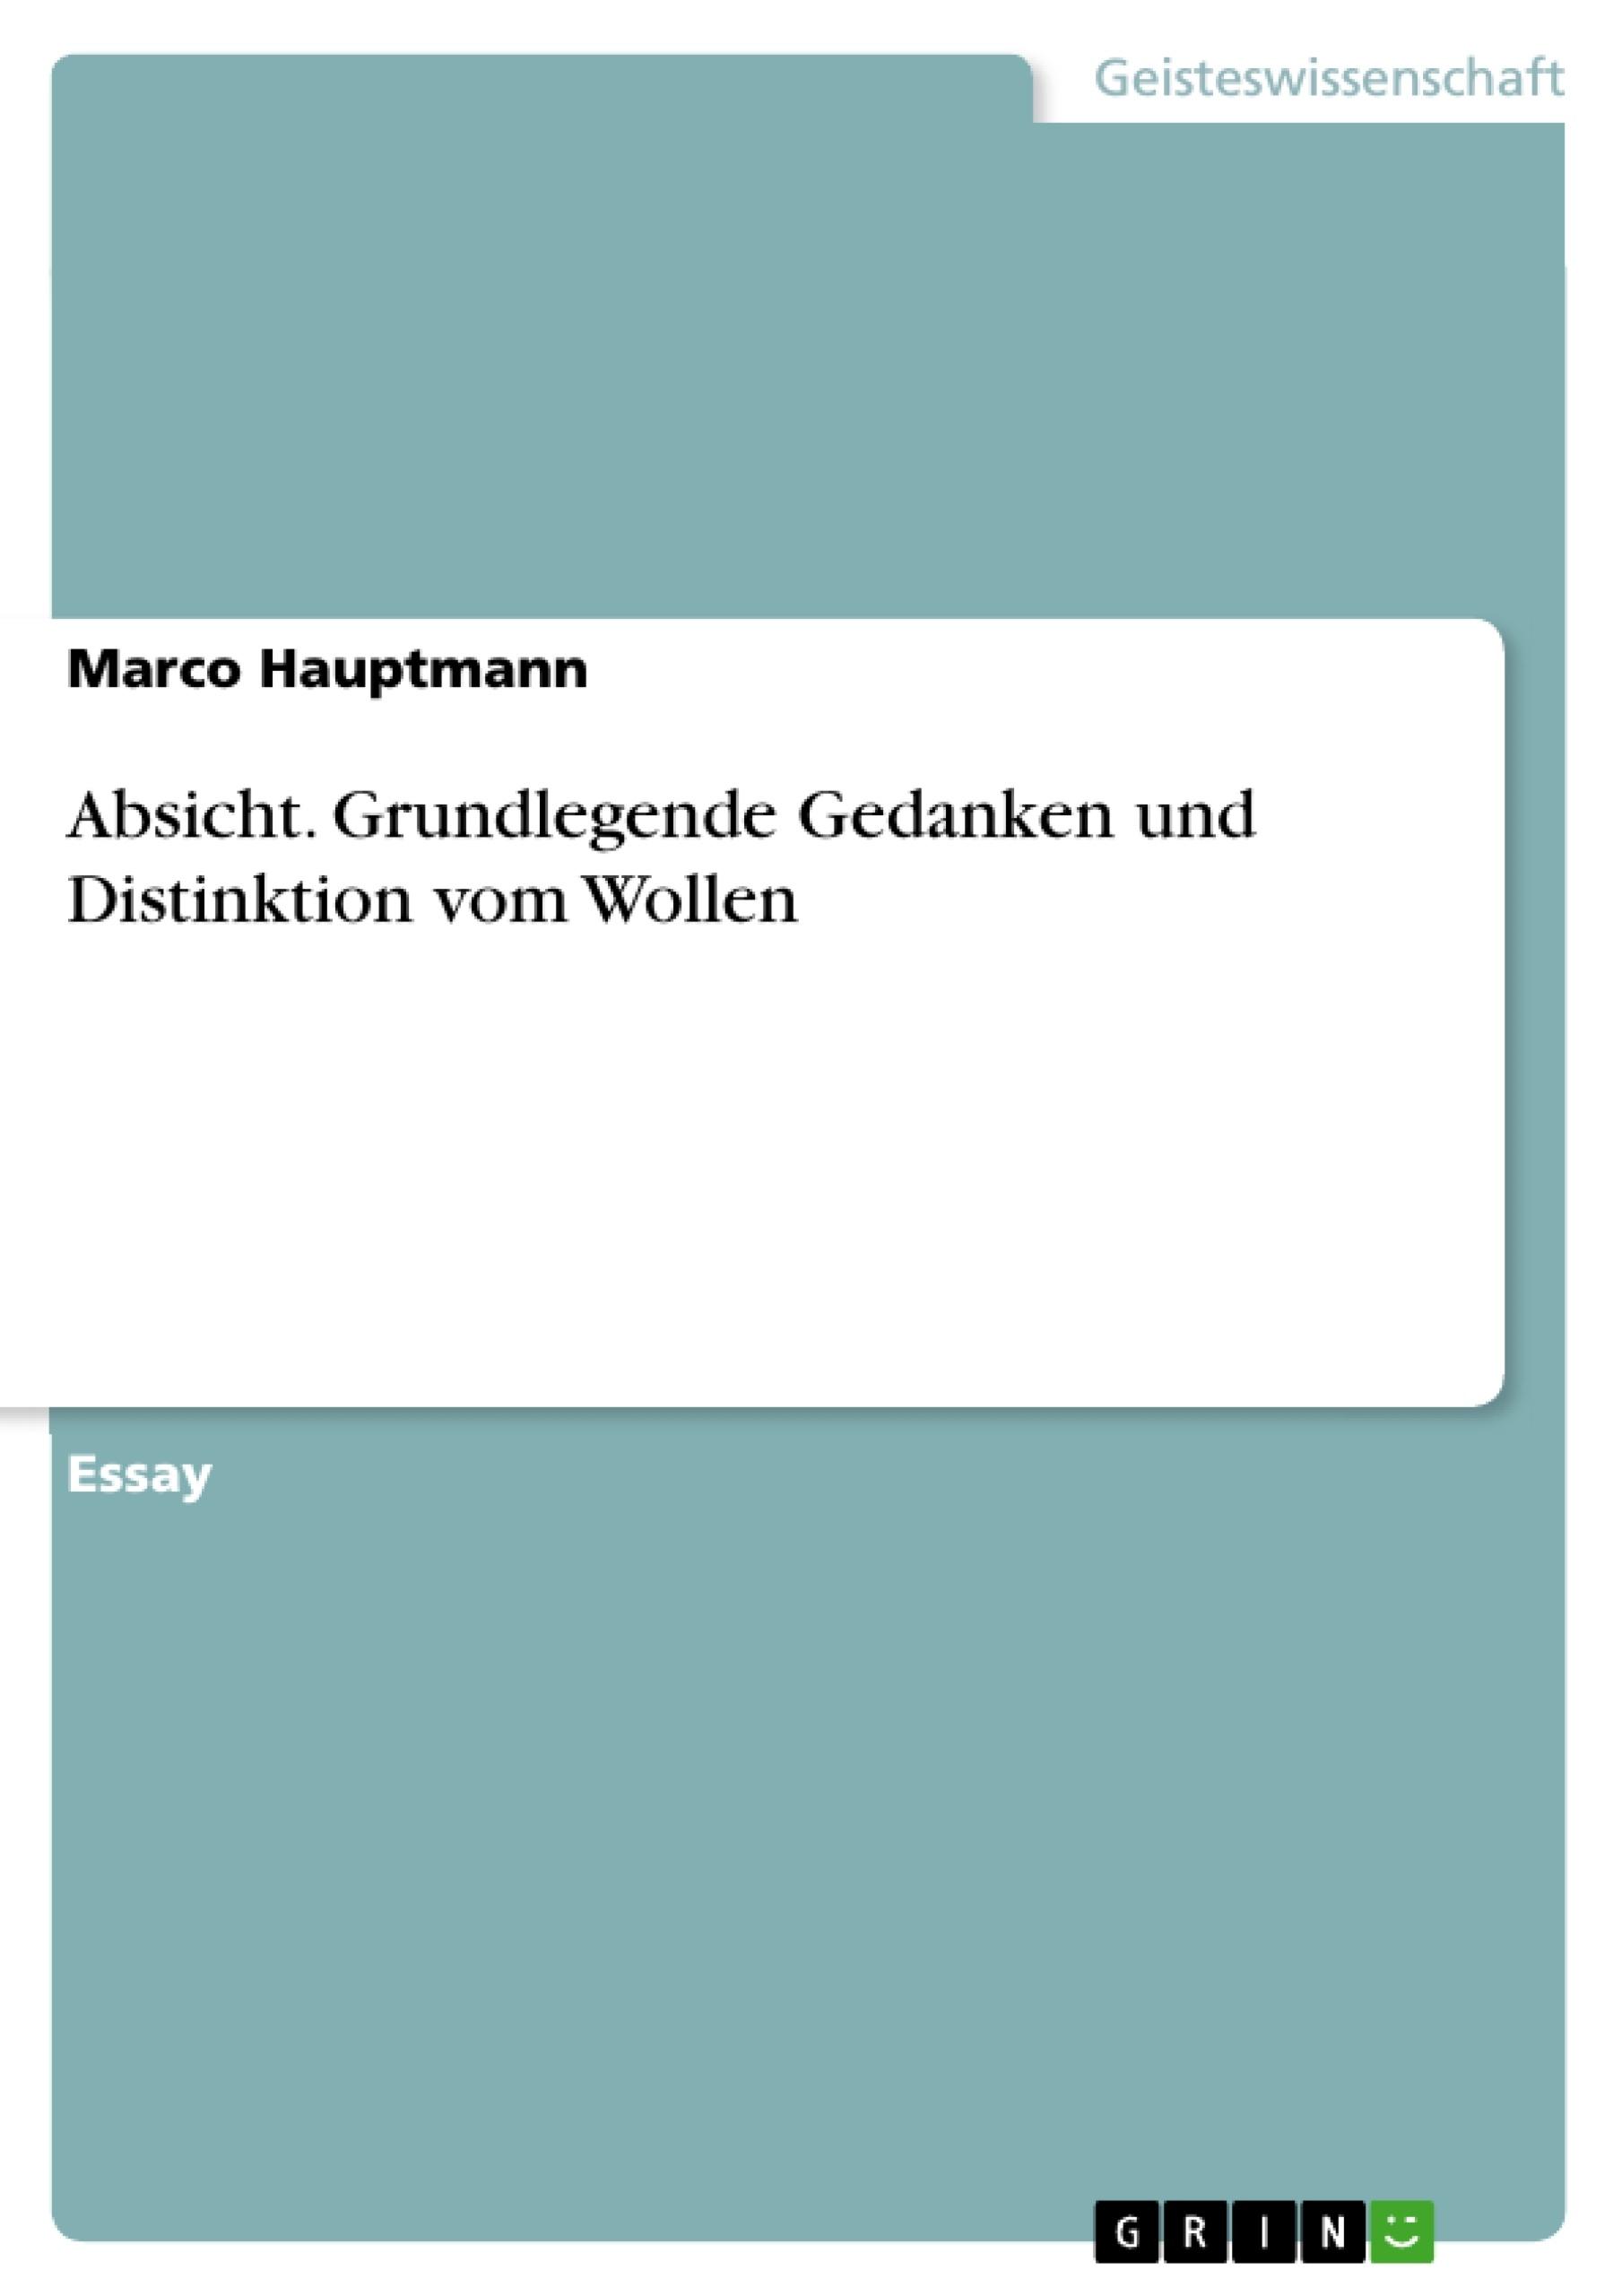 Titel: Absicht. Grundlegende Gedanken und Distinktion vom Wollen